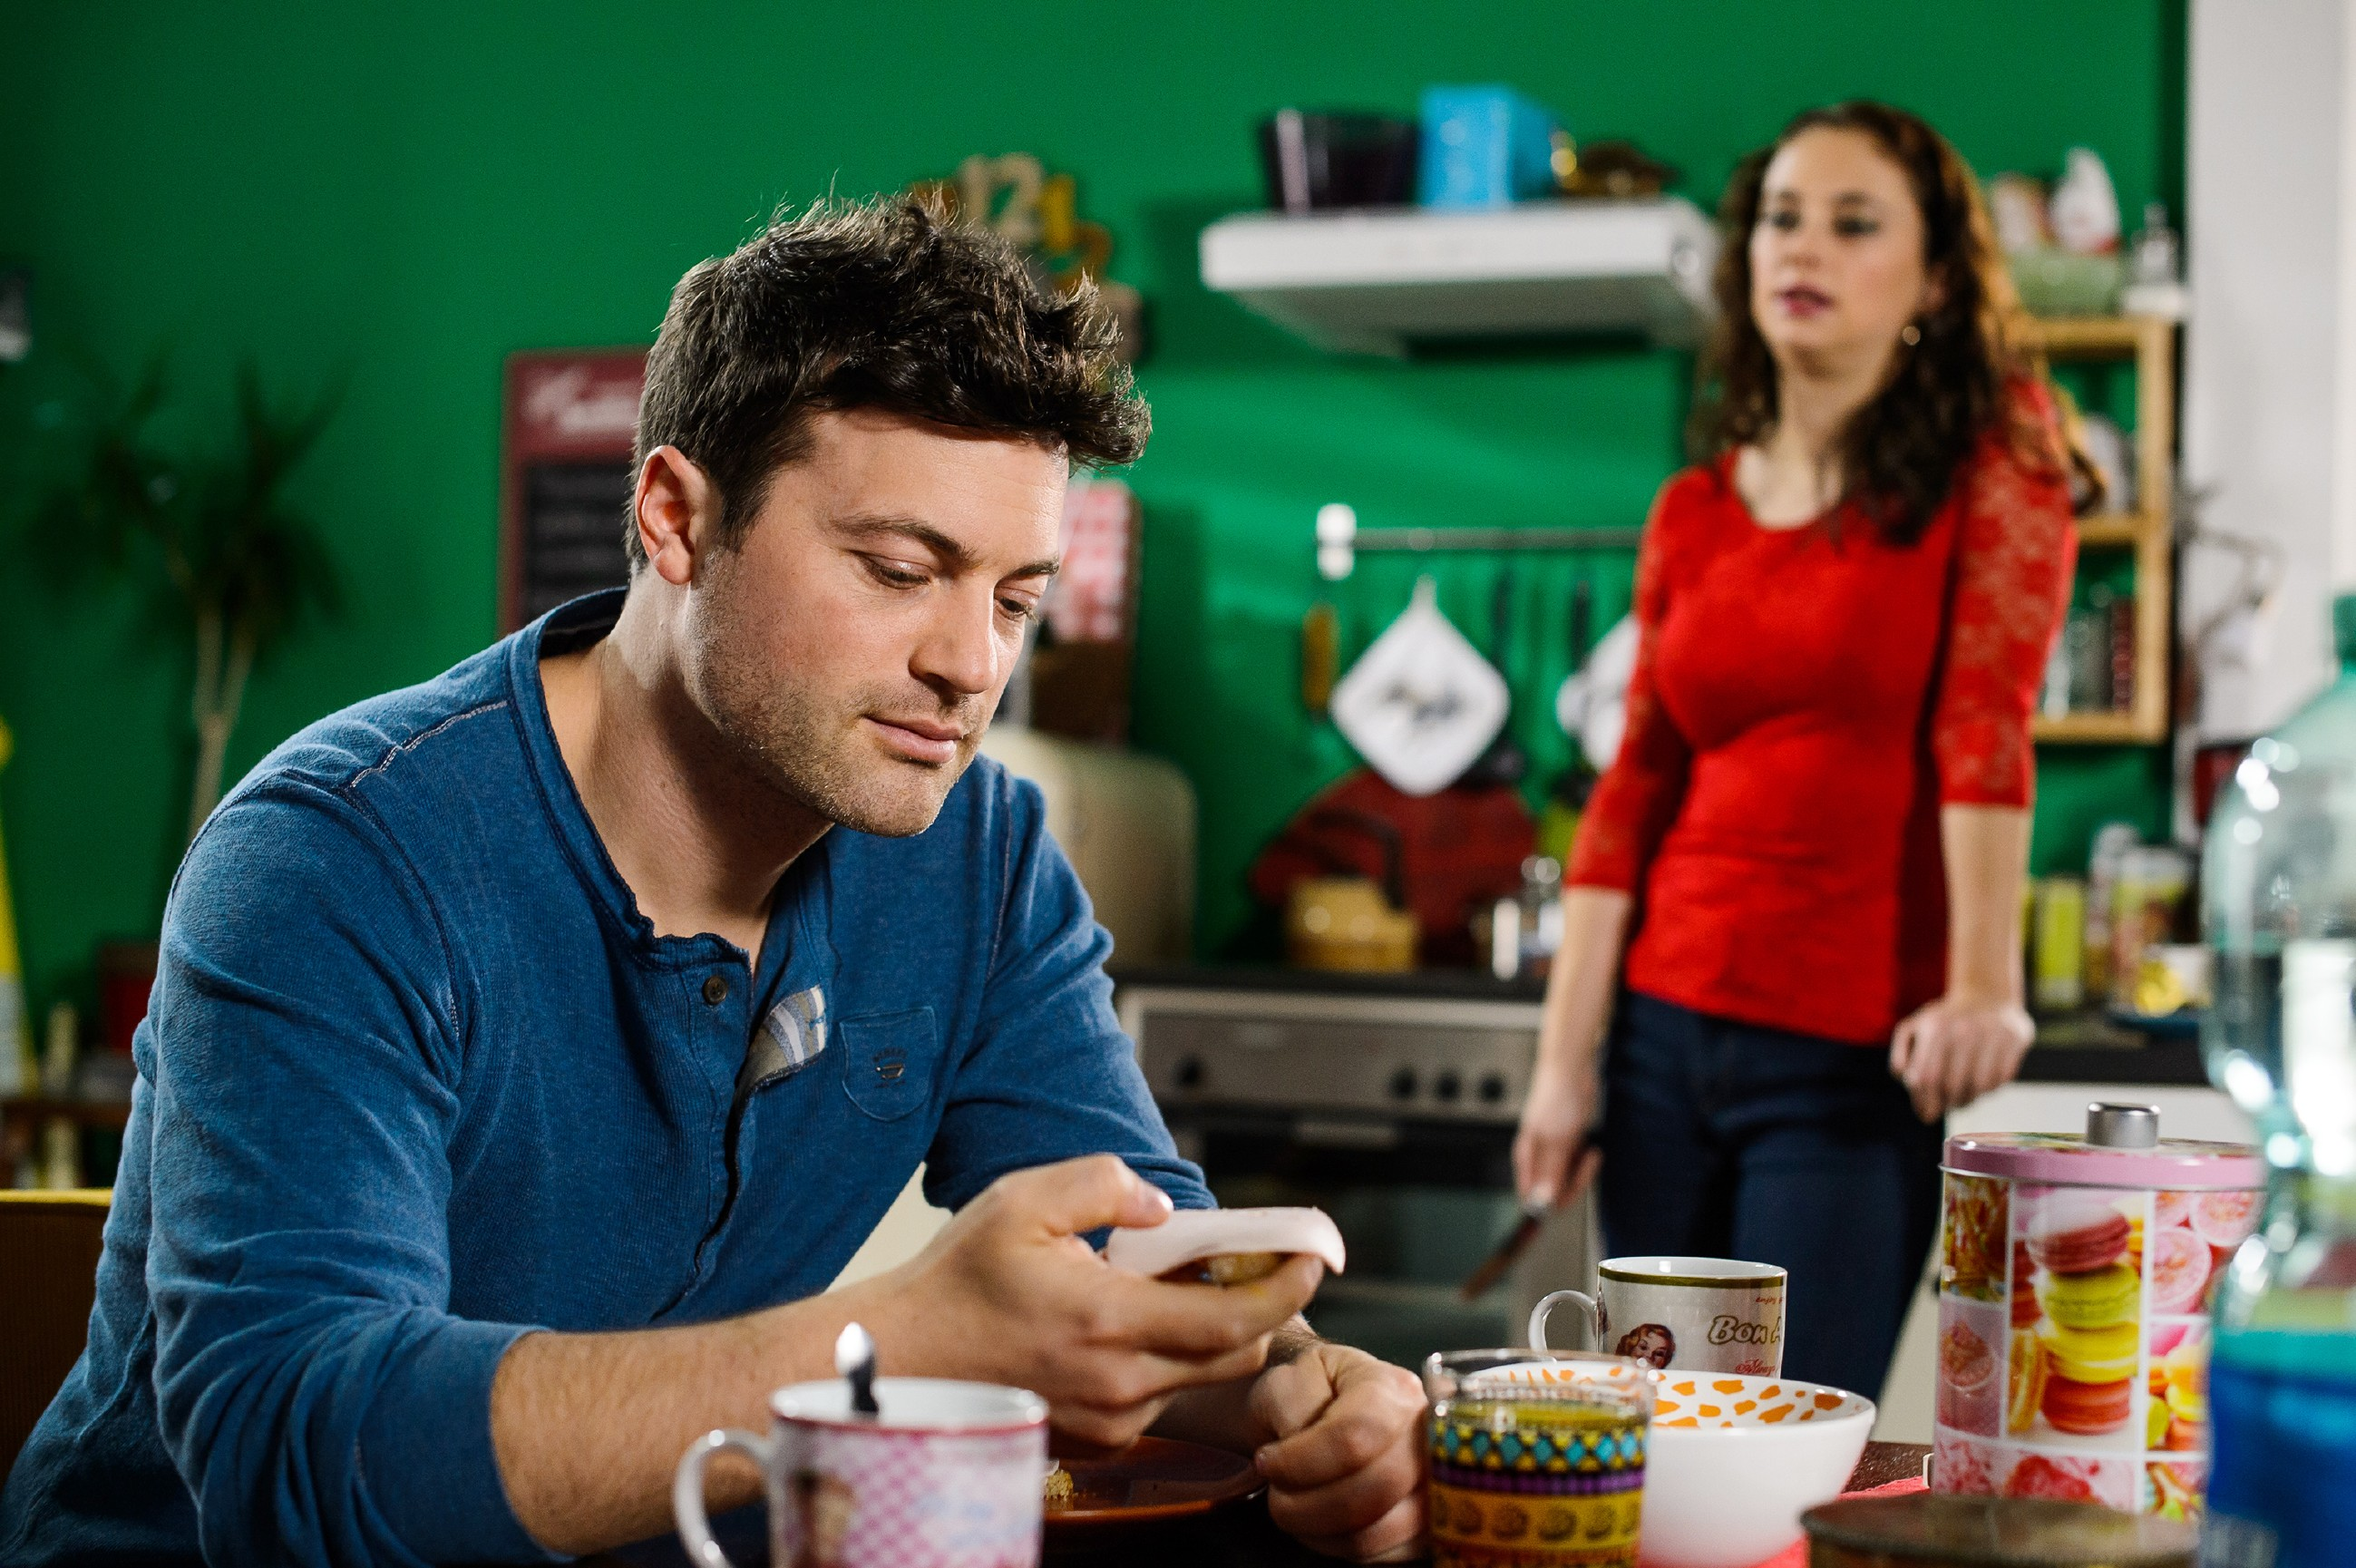 Während Carmen (Heike Warmuth) sich unglücklich fragt, was sie noch alles tun muss, damit Simone ihr glaubt, dass sie kein Verhältnis mit Richard hat, sieht Ben (Jörg Rohde) das Problem allein bei Richard und Simone und rät Carmen zu Abstand.